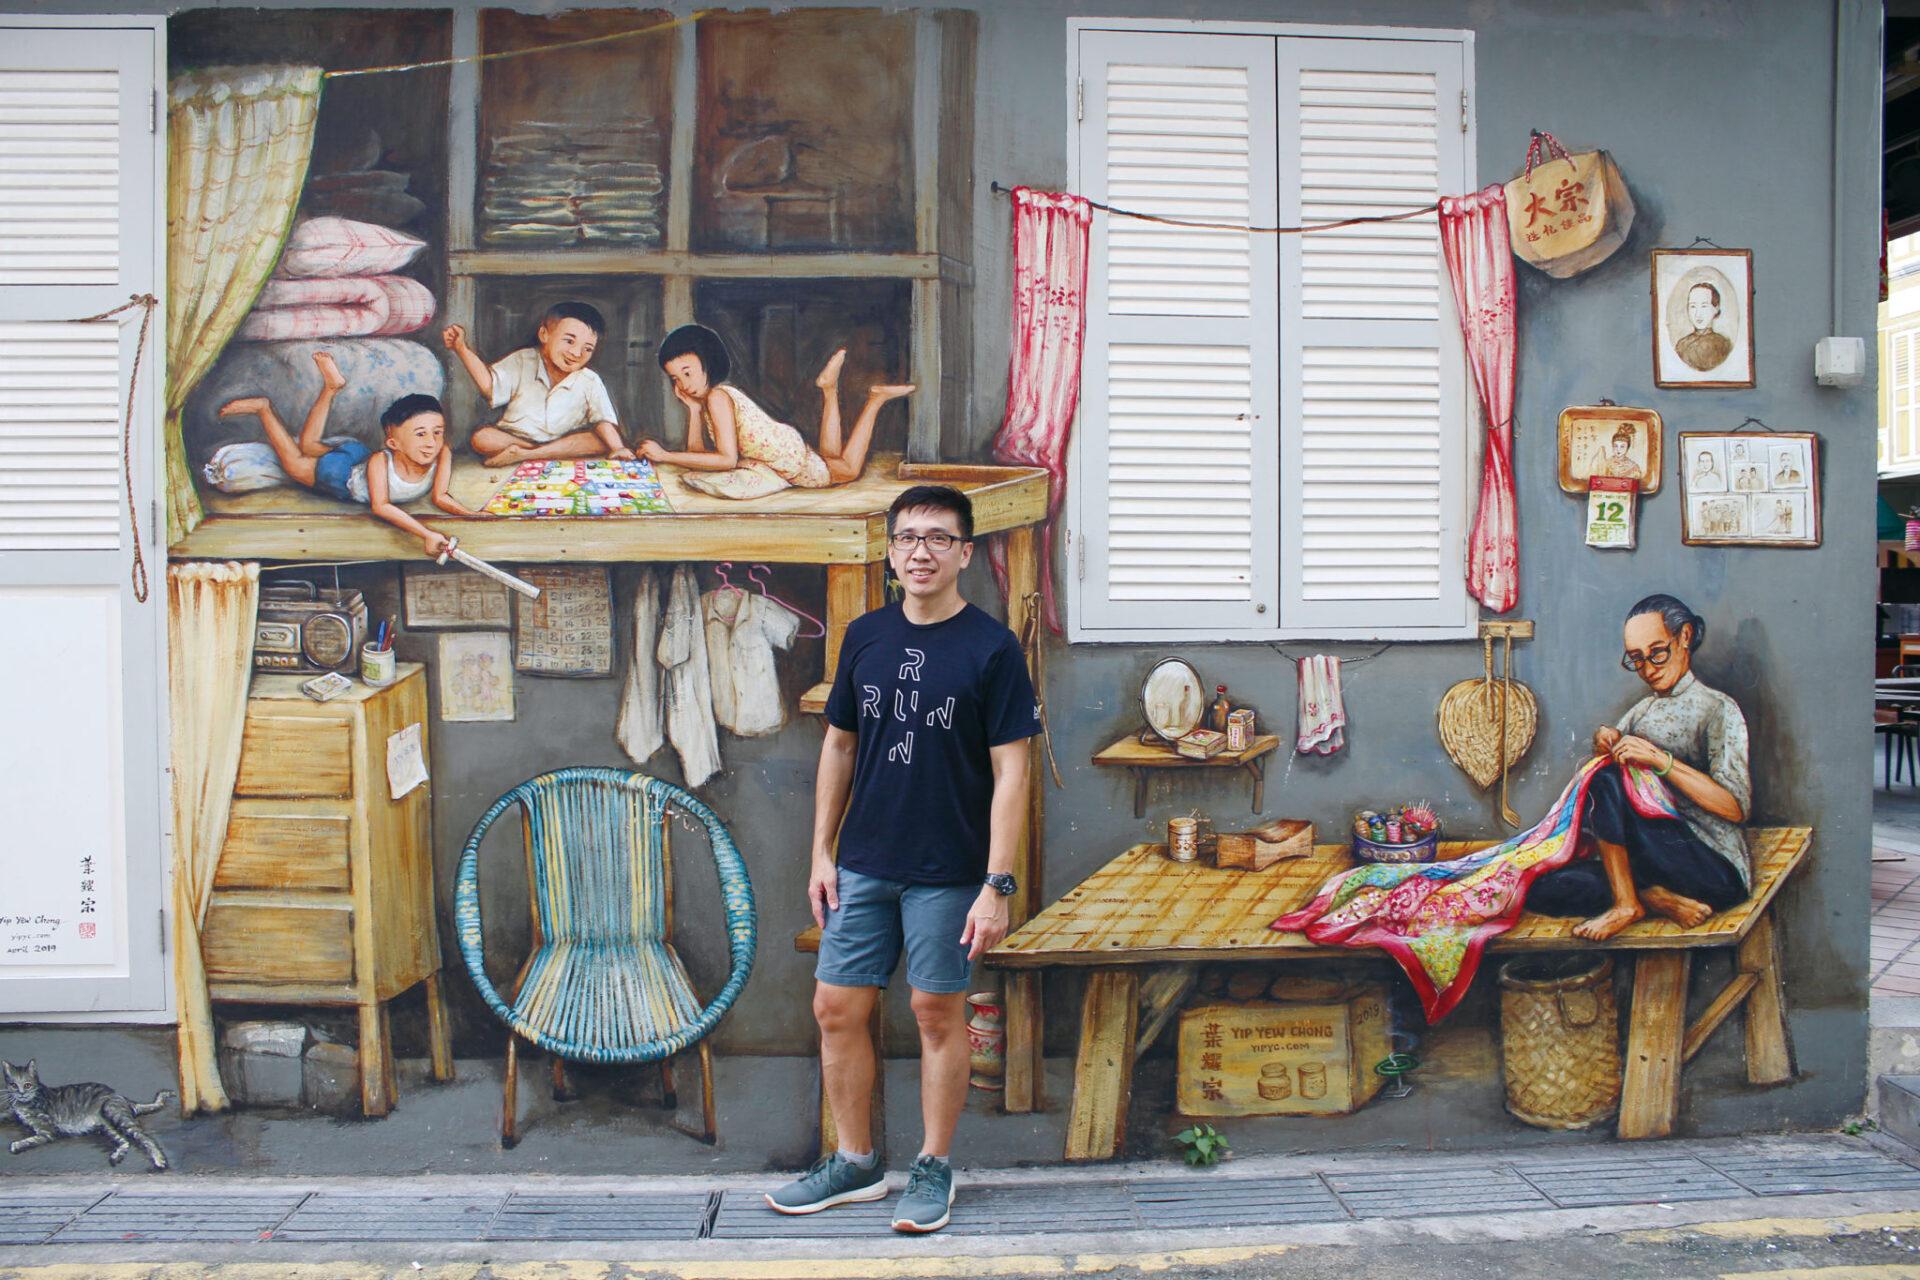 シンガポールの街角を彩る壁画アート〜会計士からアーティストへ転身した、Yew Chong Yip氏にインタビュー〜